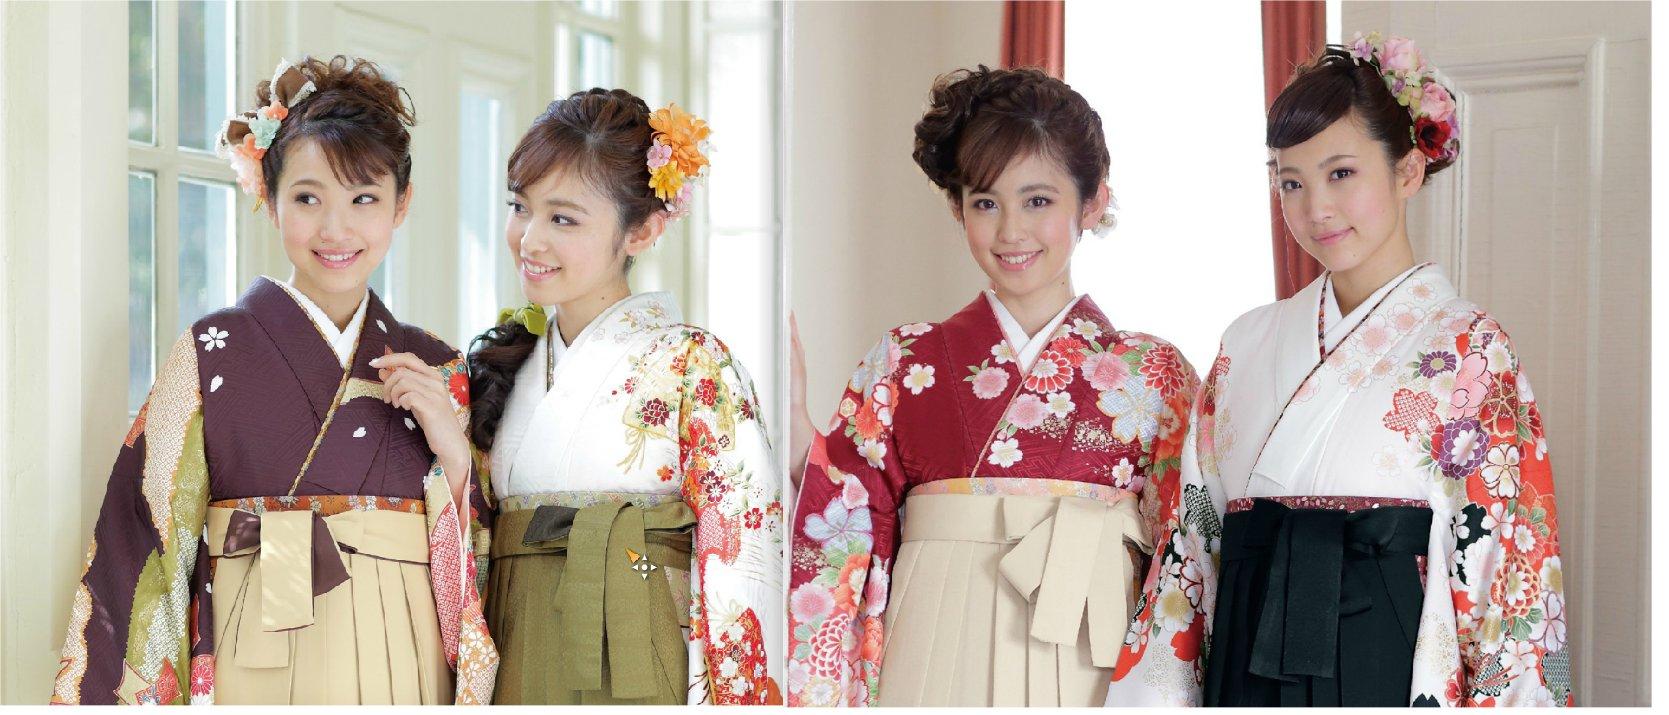 卒業式の袴着付け受付中||ヘナで人気の綾瀬の美容室PRIDE.RIDSE(プライドライズ)